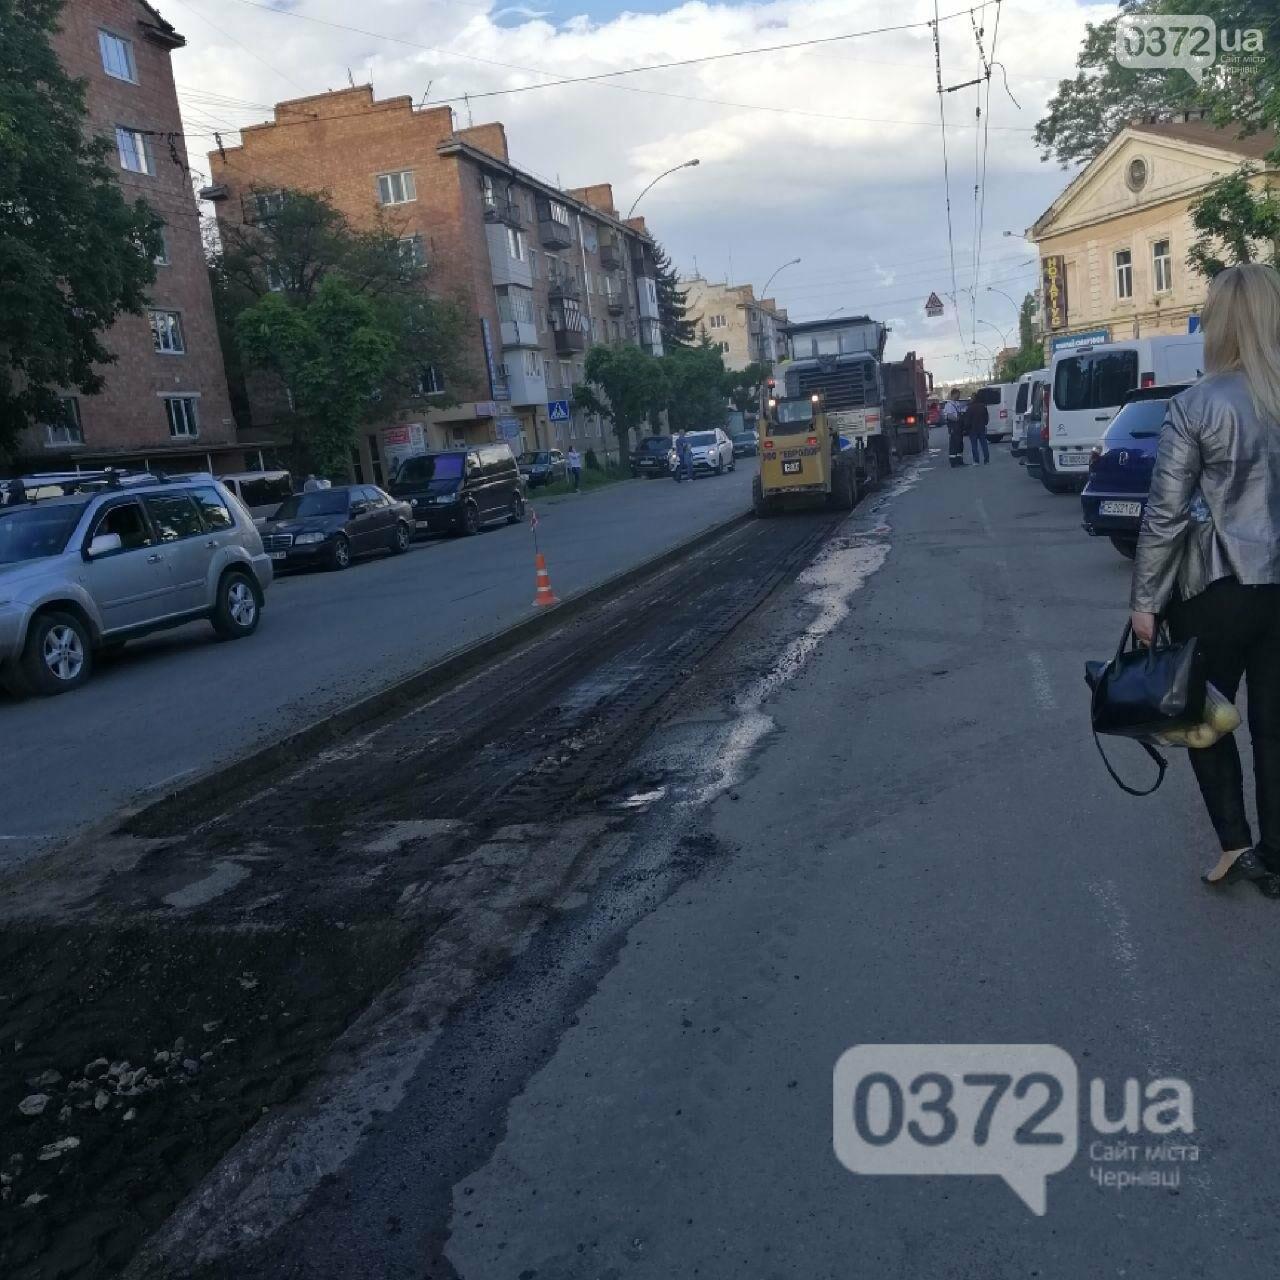 Внаслідок капітального ремонту ділянки однієї із вулиць Чернівців -  буде обмежено рух транспорту, фото-2